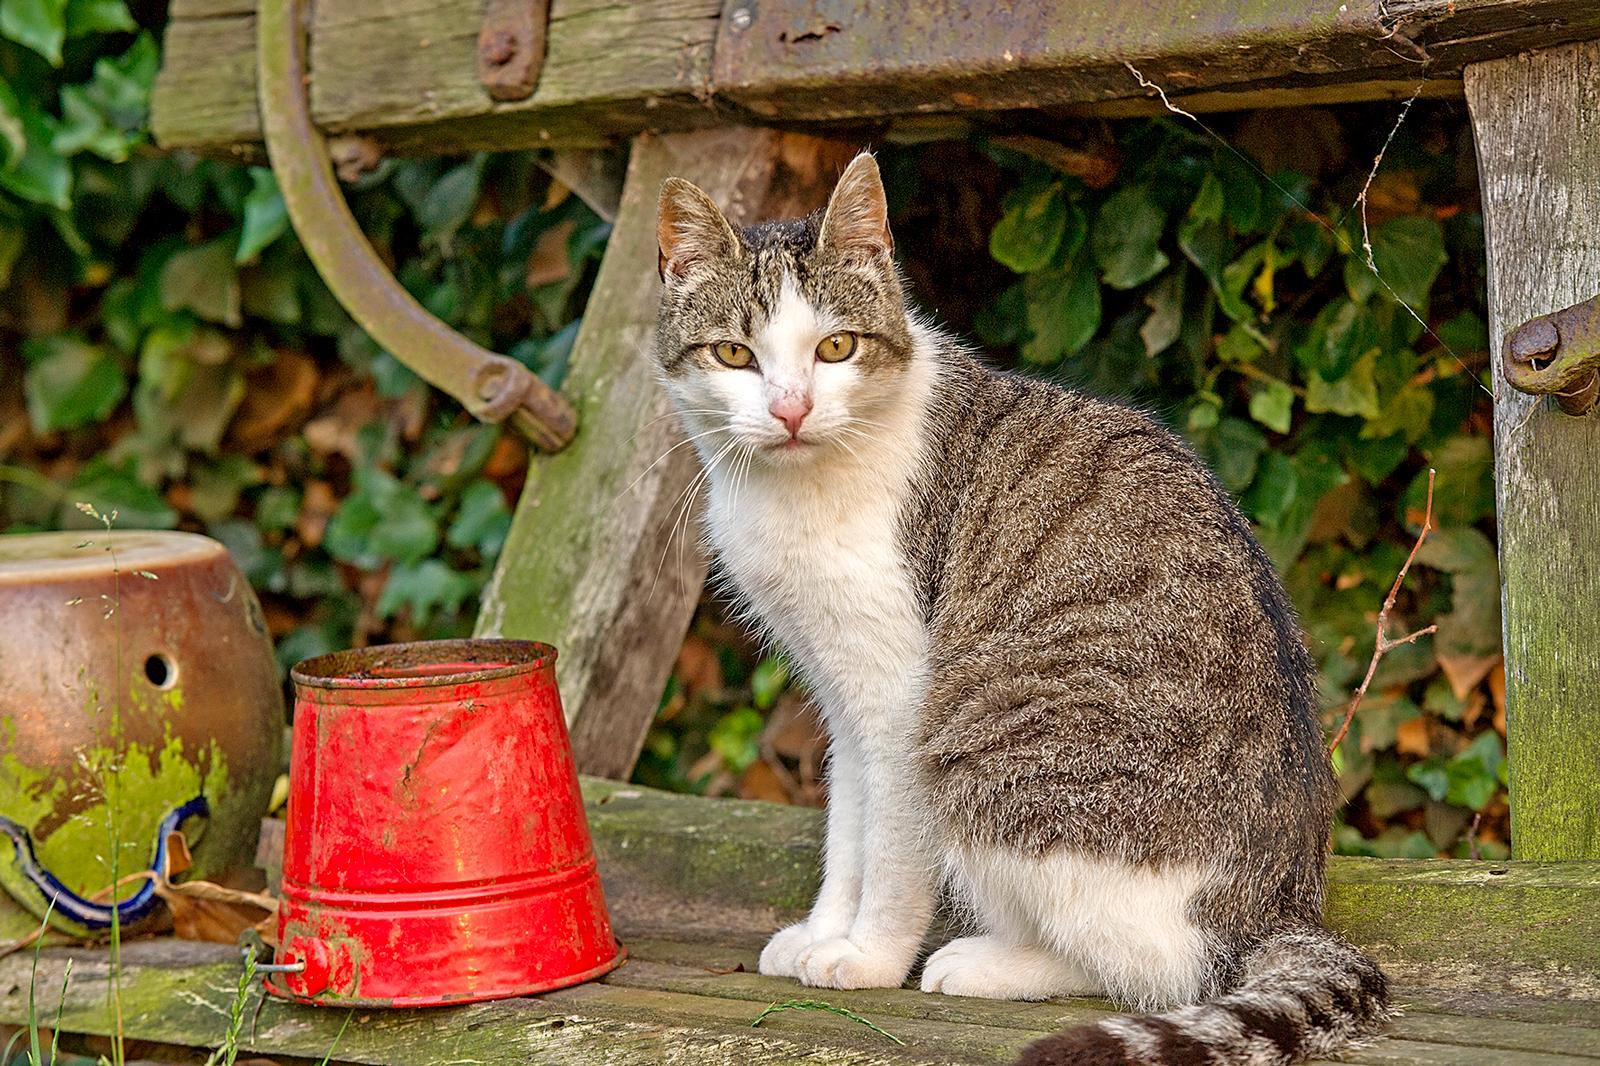 Katze-vor-Eimer